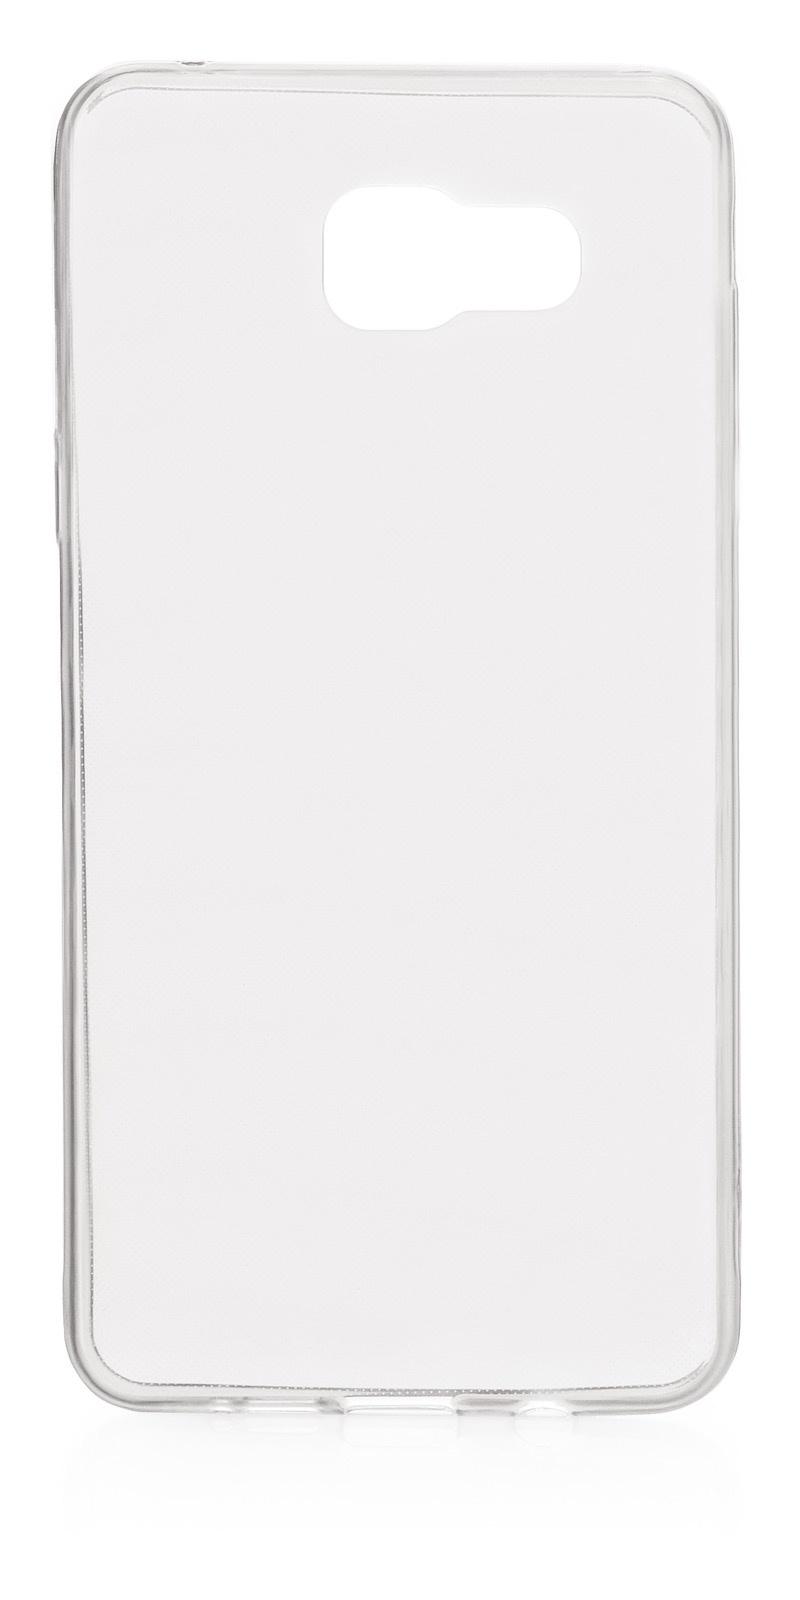 Чехол для сотового телефона iNeez силикон для Samsung Galaxy A7 2016 (A710), прозрачный